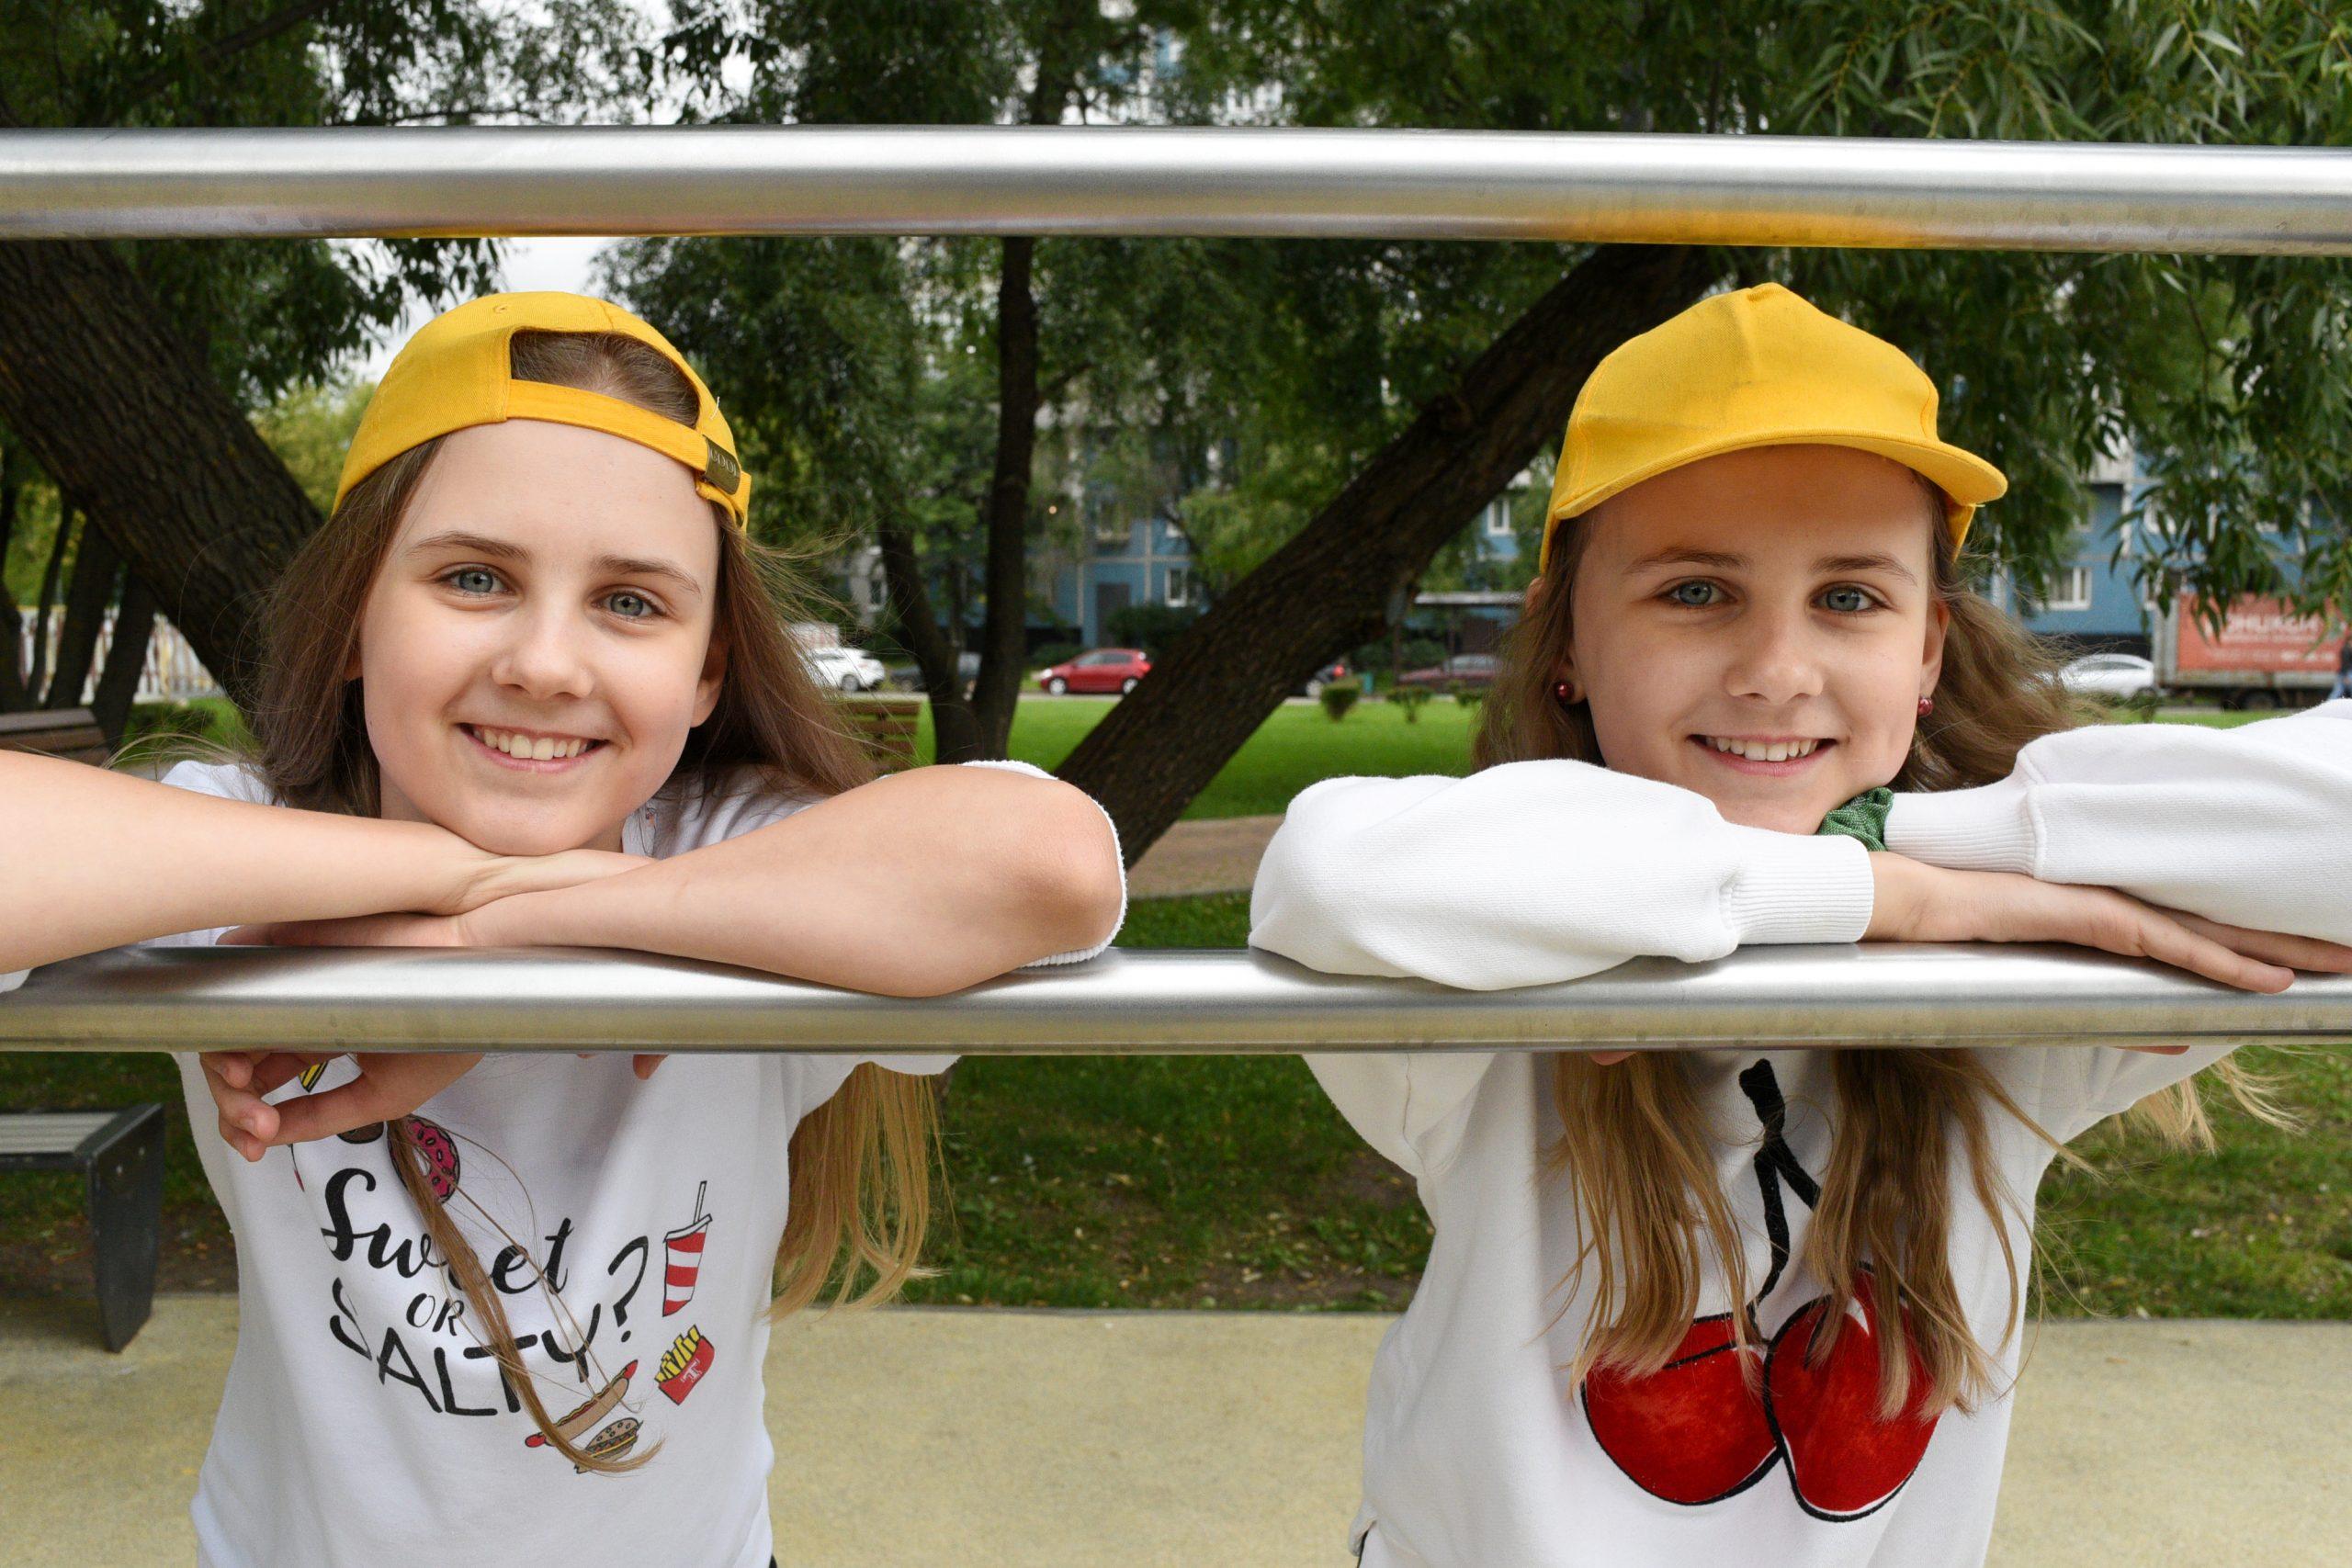 Игровая программа для детей прошла в Доме культуры «Десна» в Рязановском